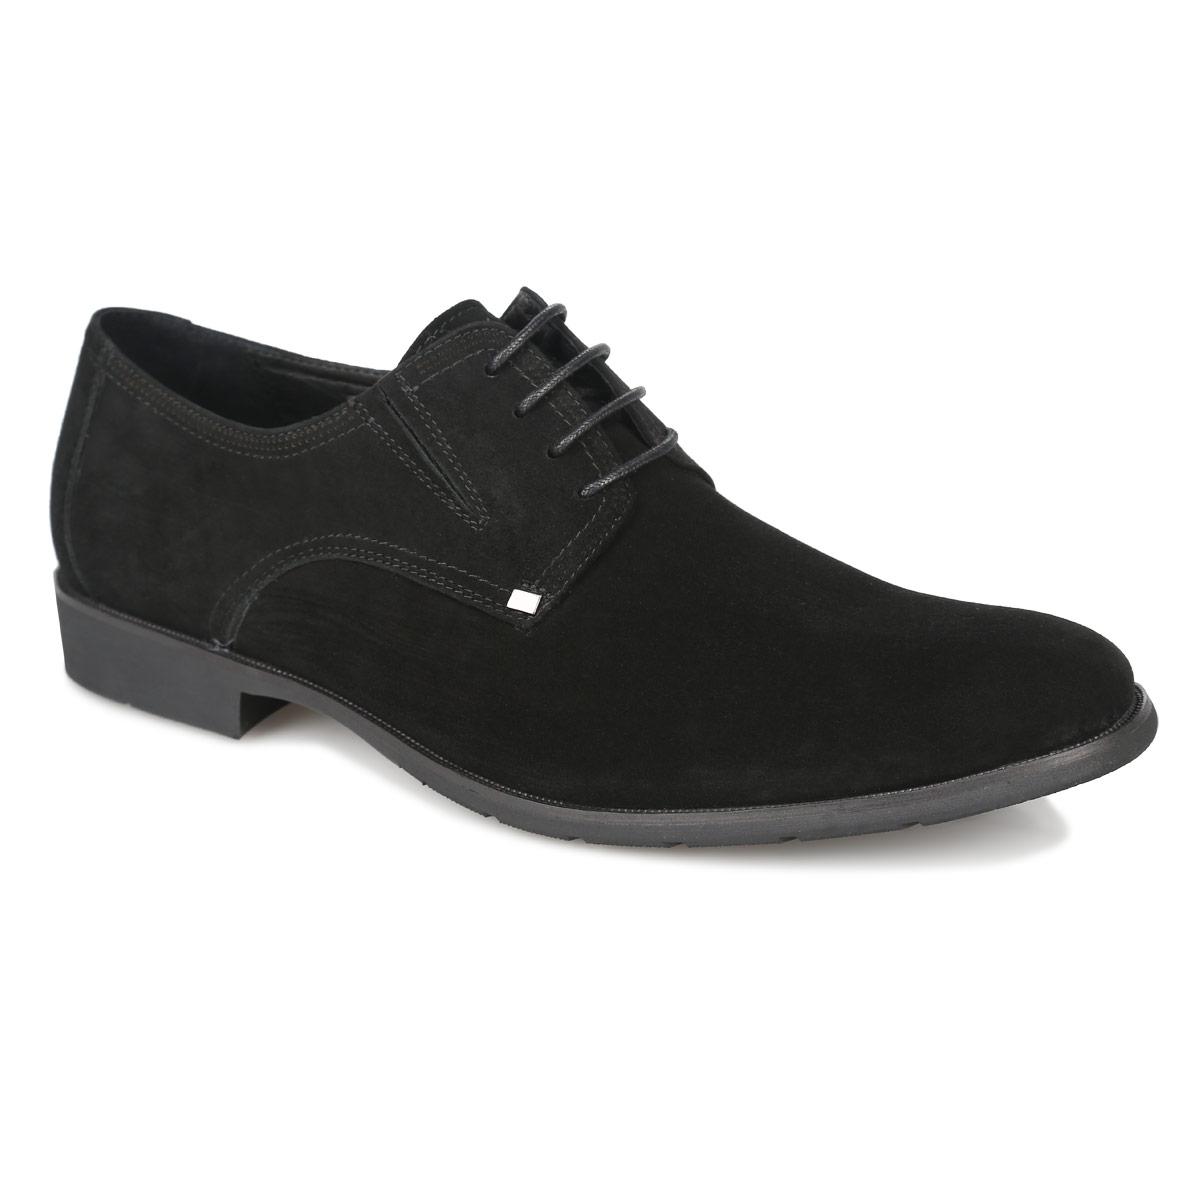 102-17-129Стильные мужские туфли от Dino Ricci не оставят вас равнодушным! Модель выполнена из велюра. Стелька, выполненная из натуральной кожи, обеспечивает комфорт при ходьбе. Шнуровка позволяет надежно фиксировать модель на ноге. Резинки обеспечивают оптимальную посадку модели на ноге. Подошва и каблук дополнены противоскользящим рифлением. Туфли в классическим стиле станут прекрасным дополнением вашего образа.